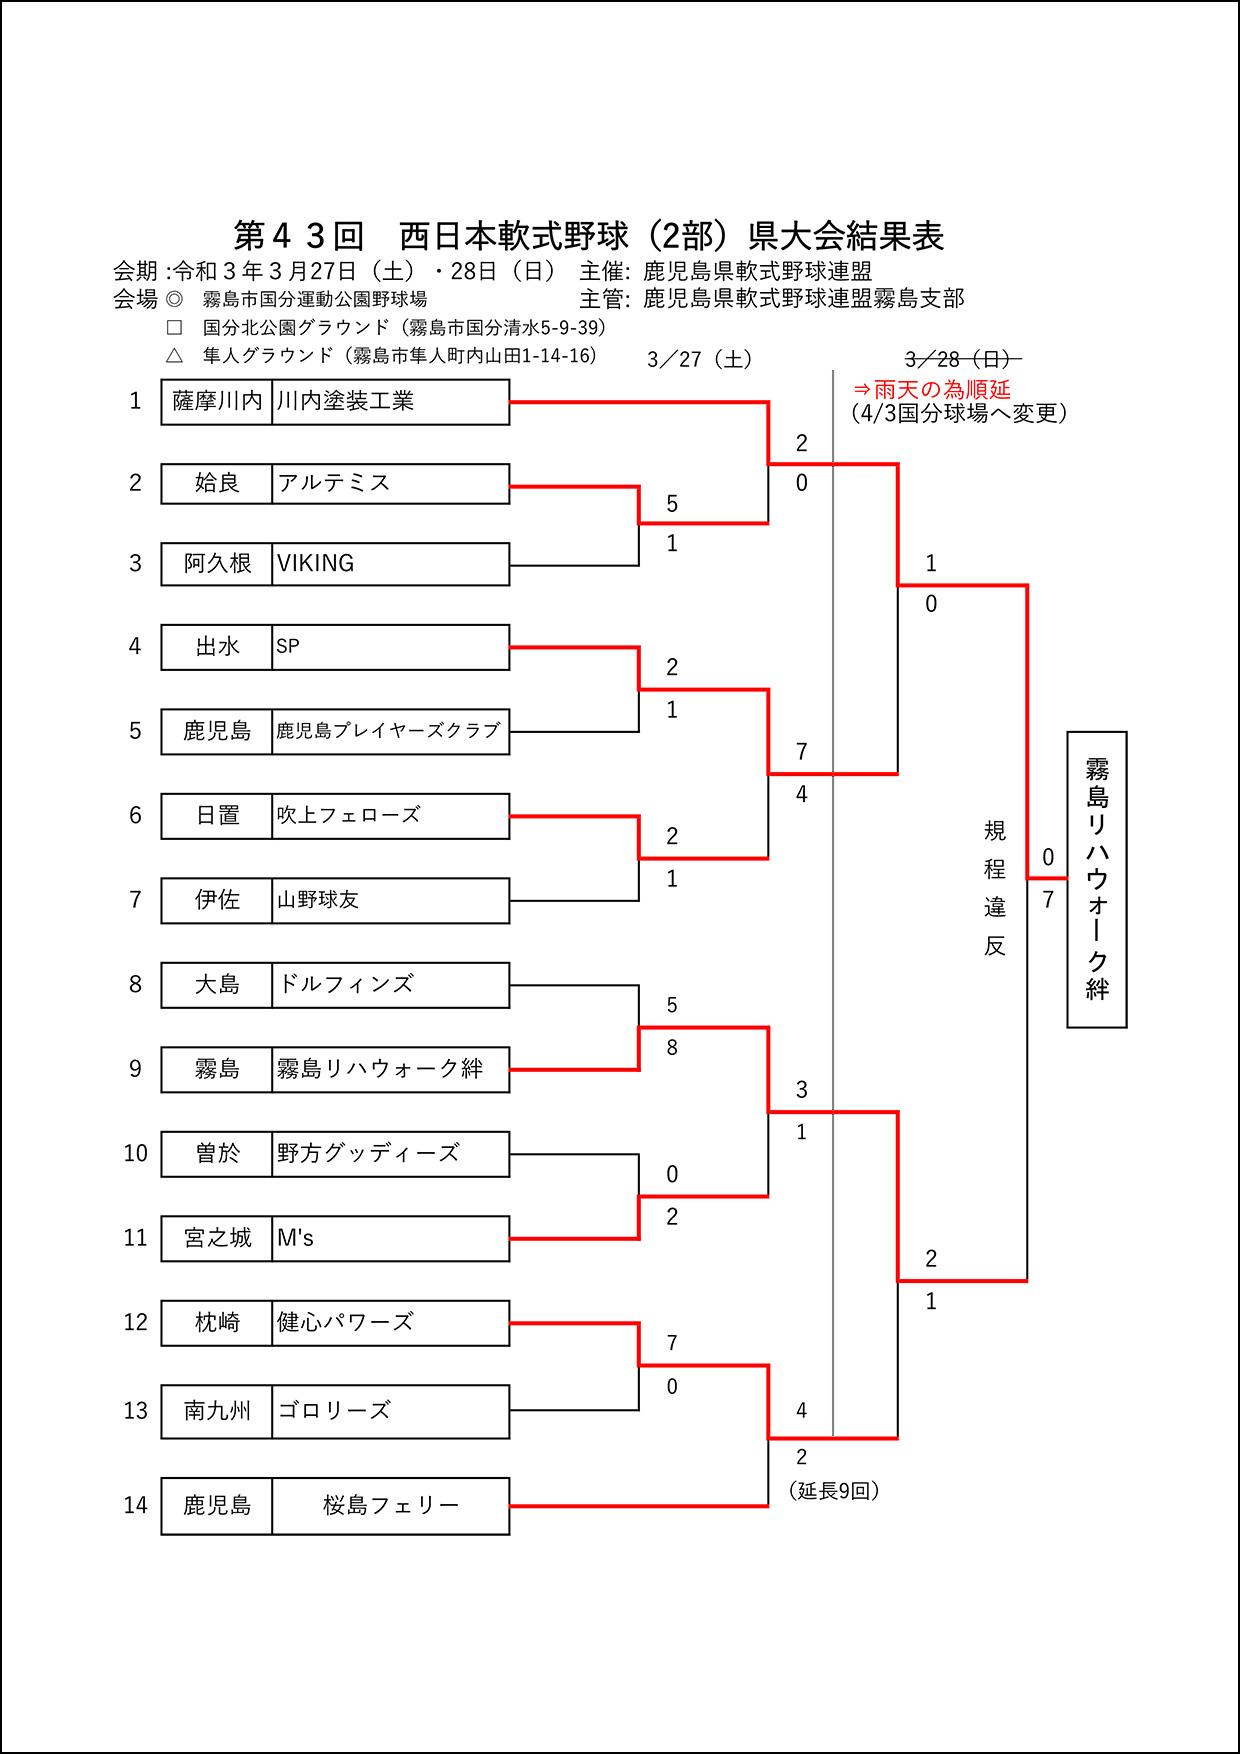 【結果】第43回西日本軟式野球(2部)県大会